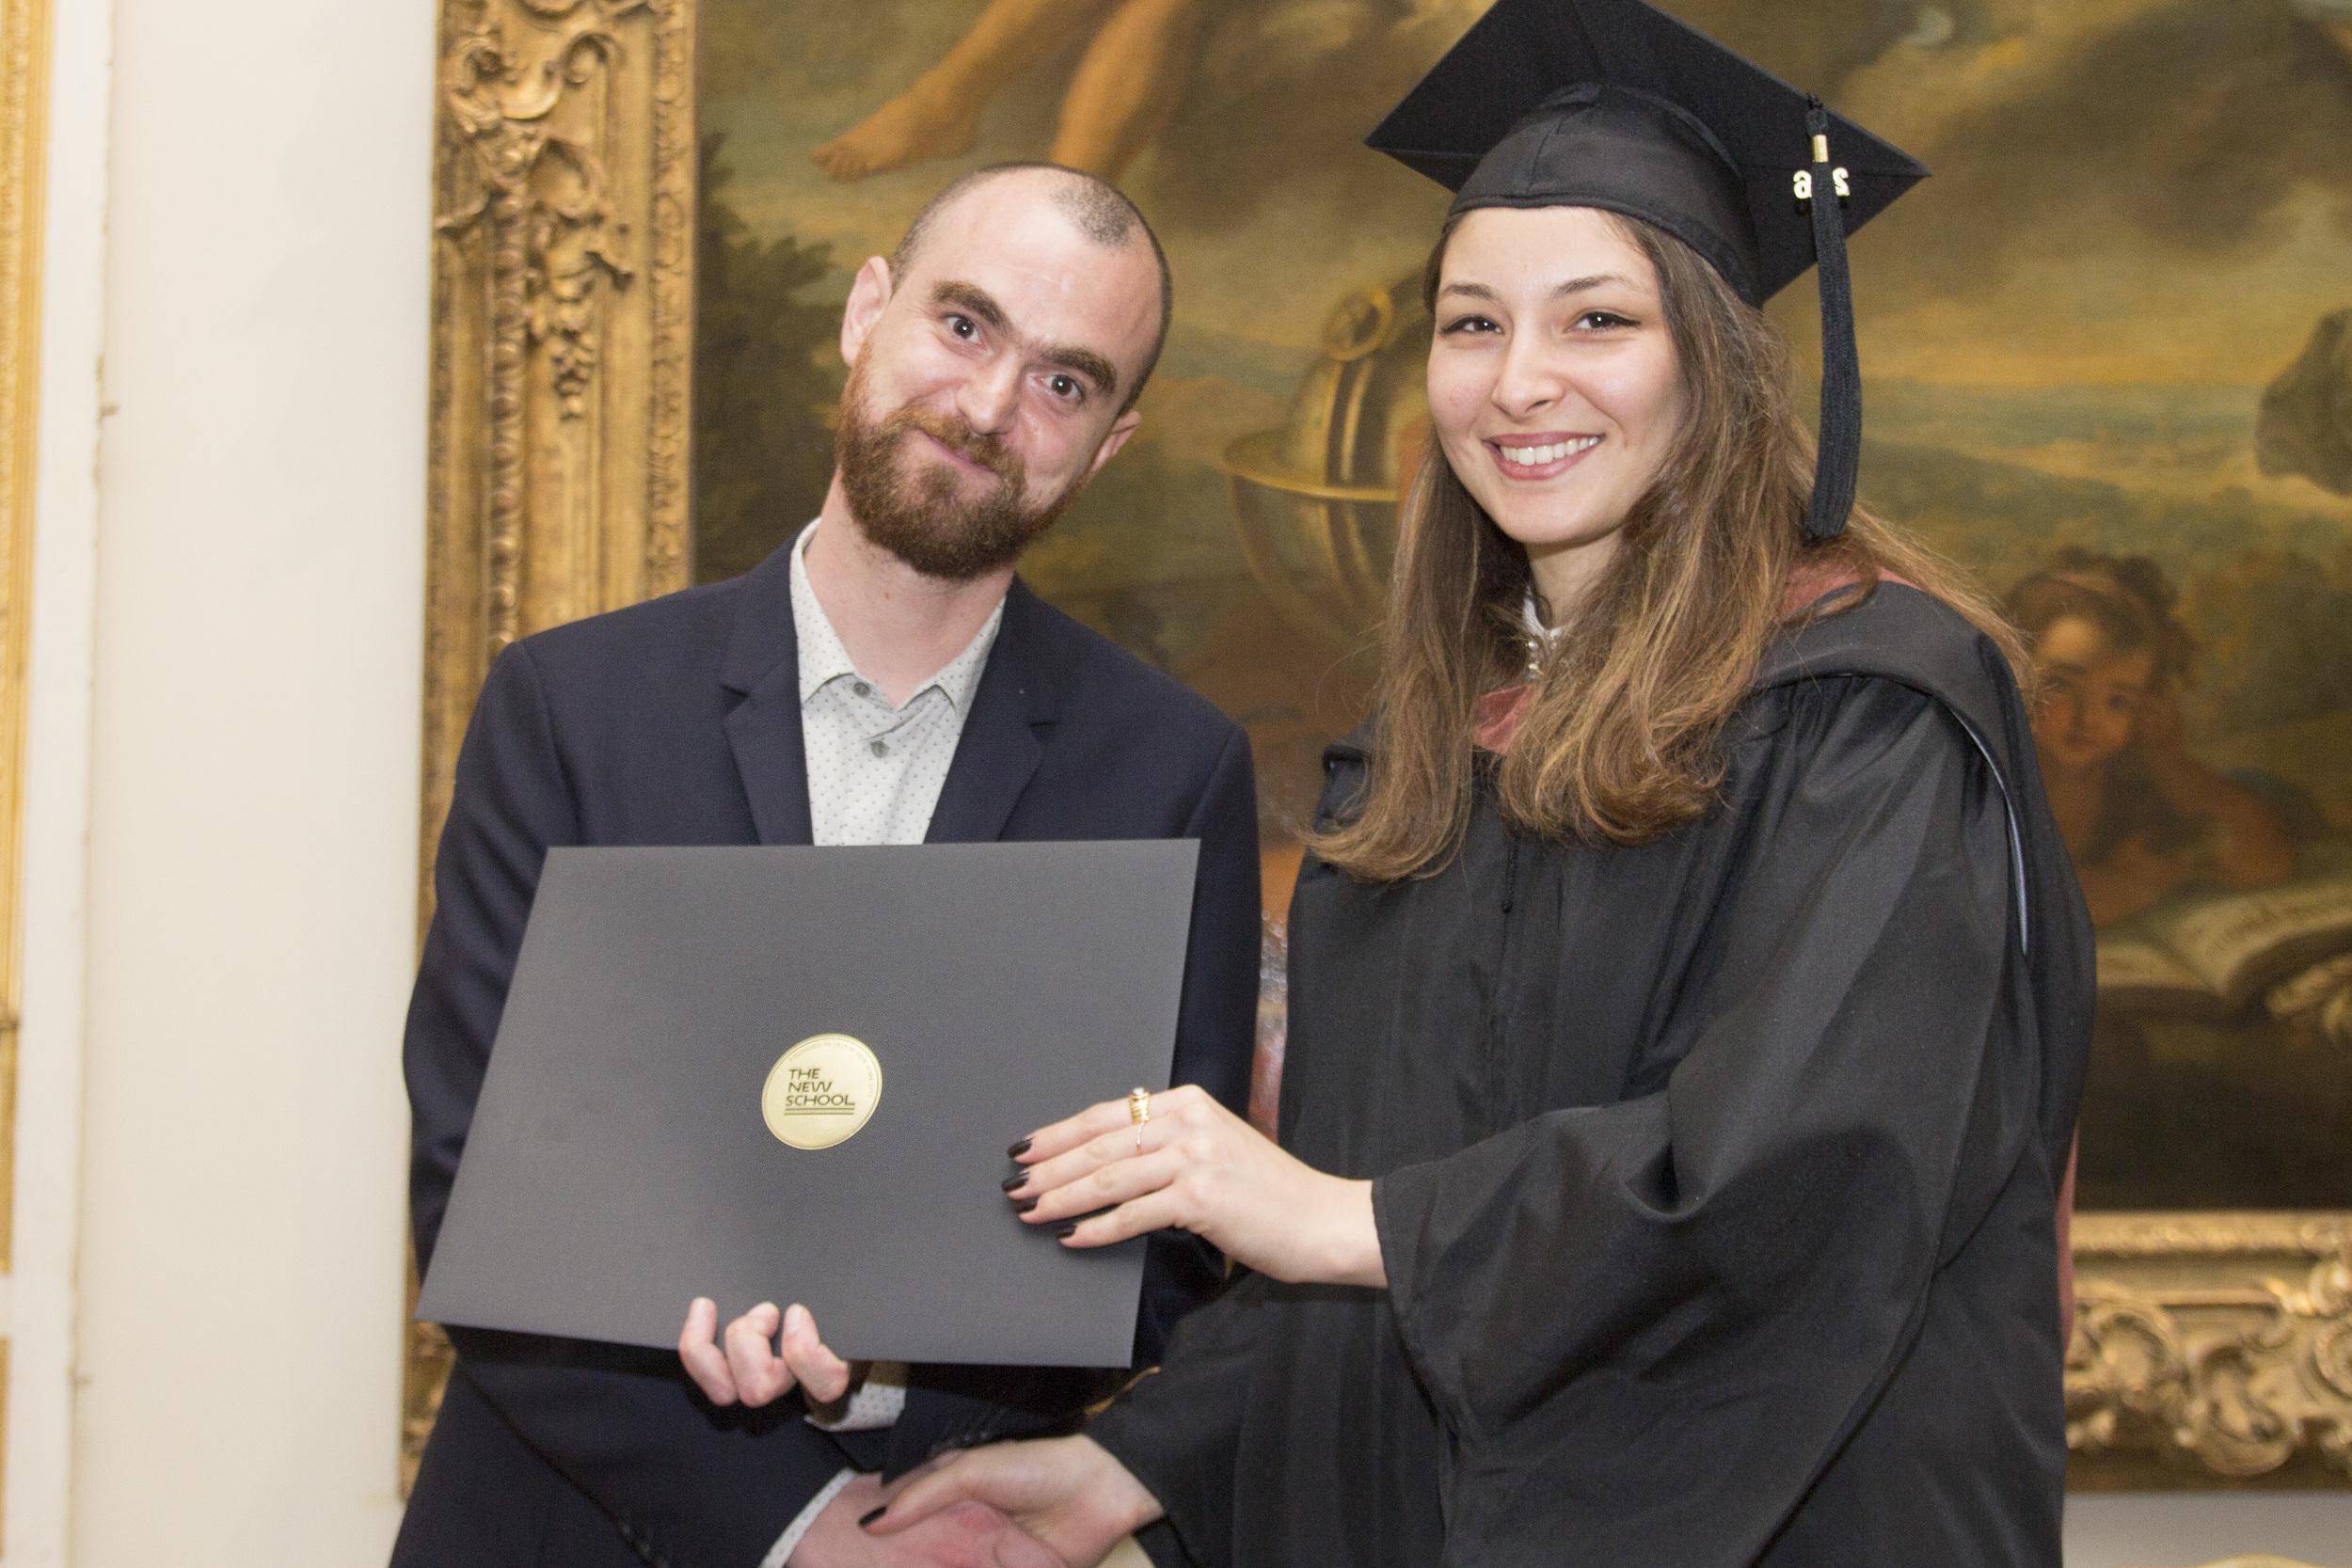 TNS_ParsonsParis_Graduation_104.jpg